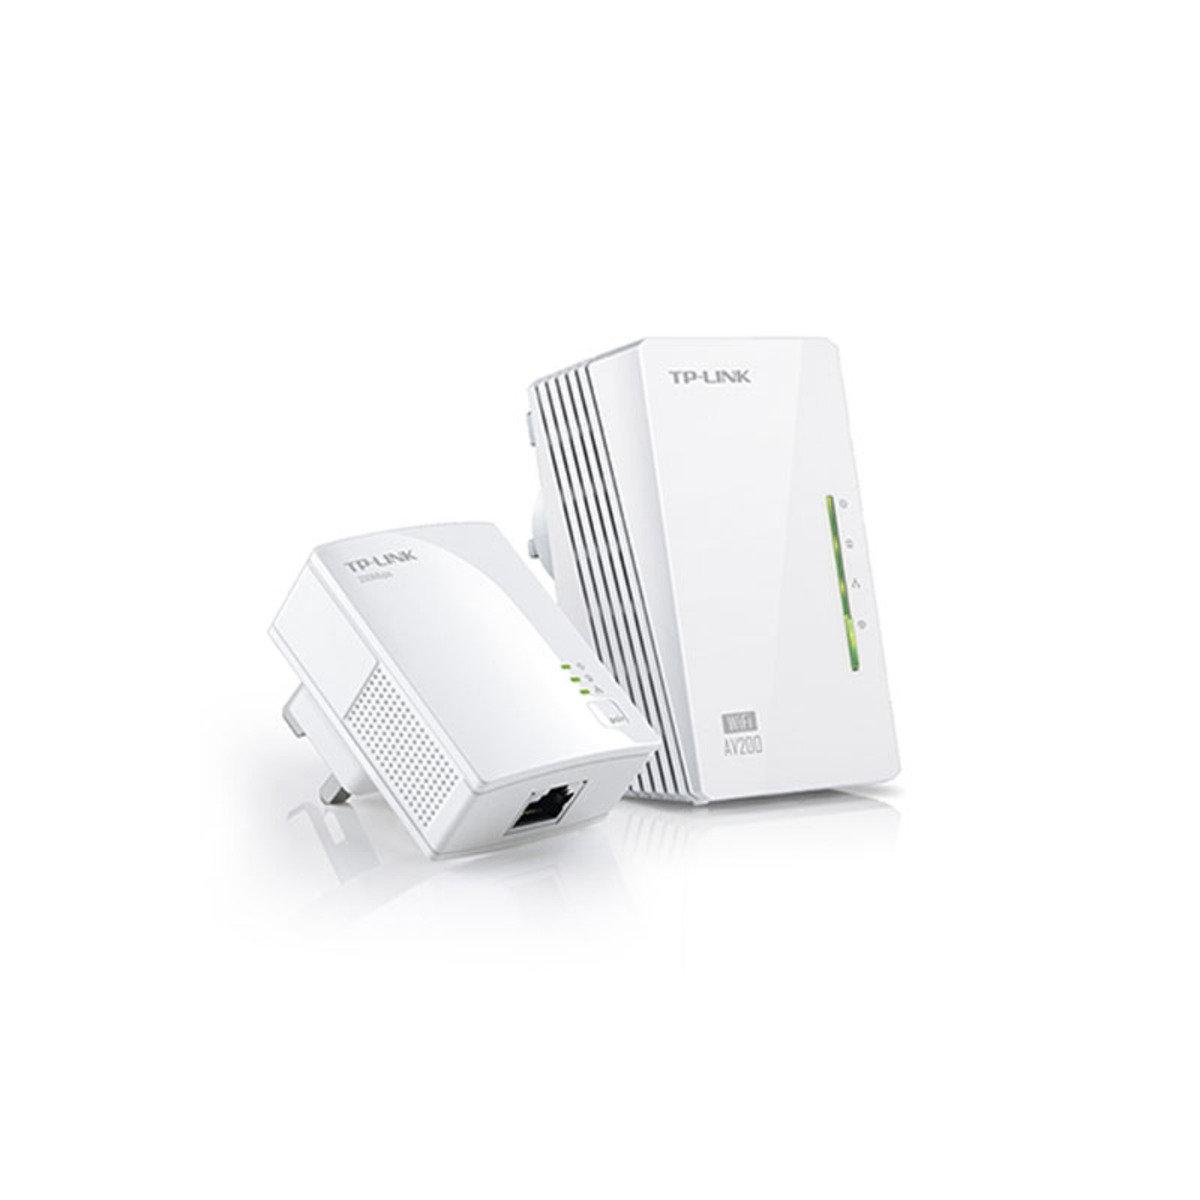 AV 200Mbps 無線WiFi HomePlug 電力網絡 WPA281KIT-V3